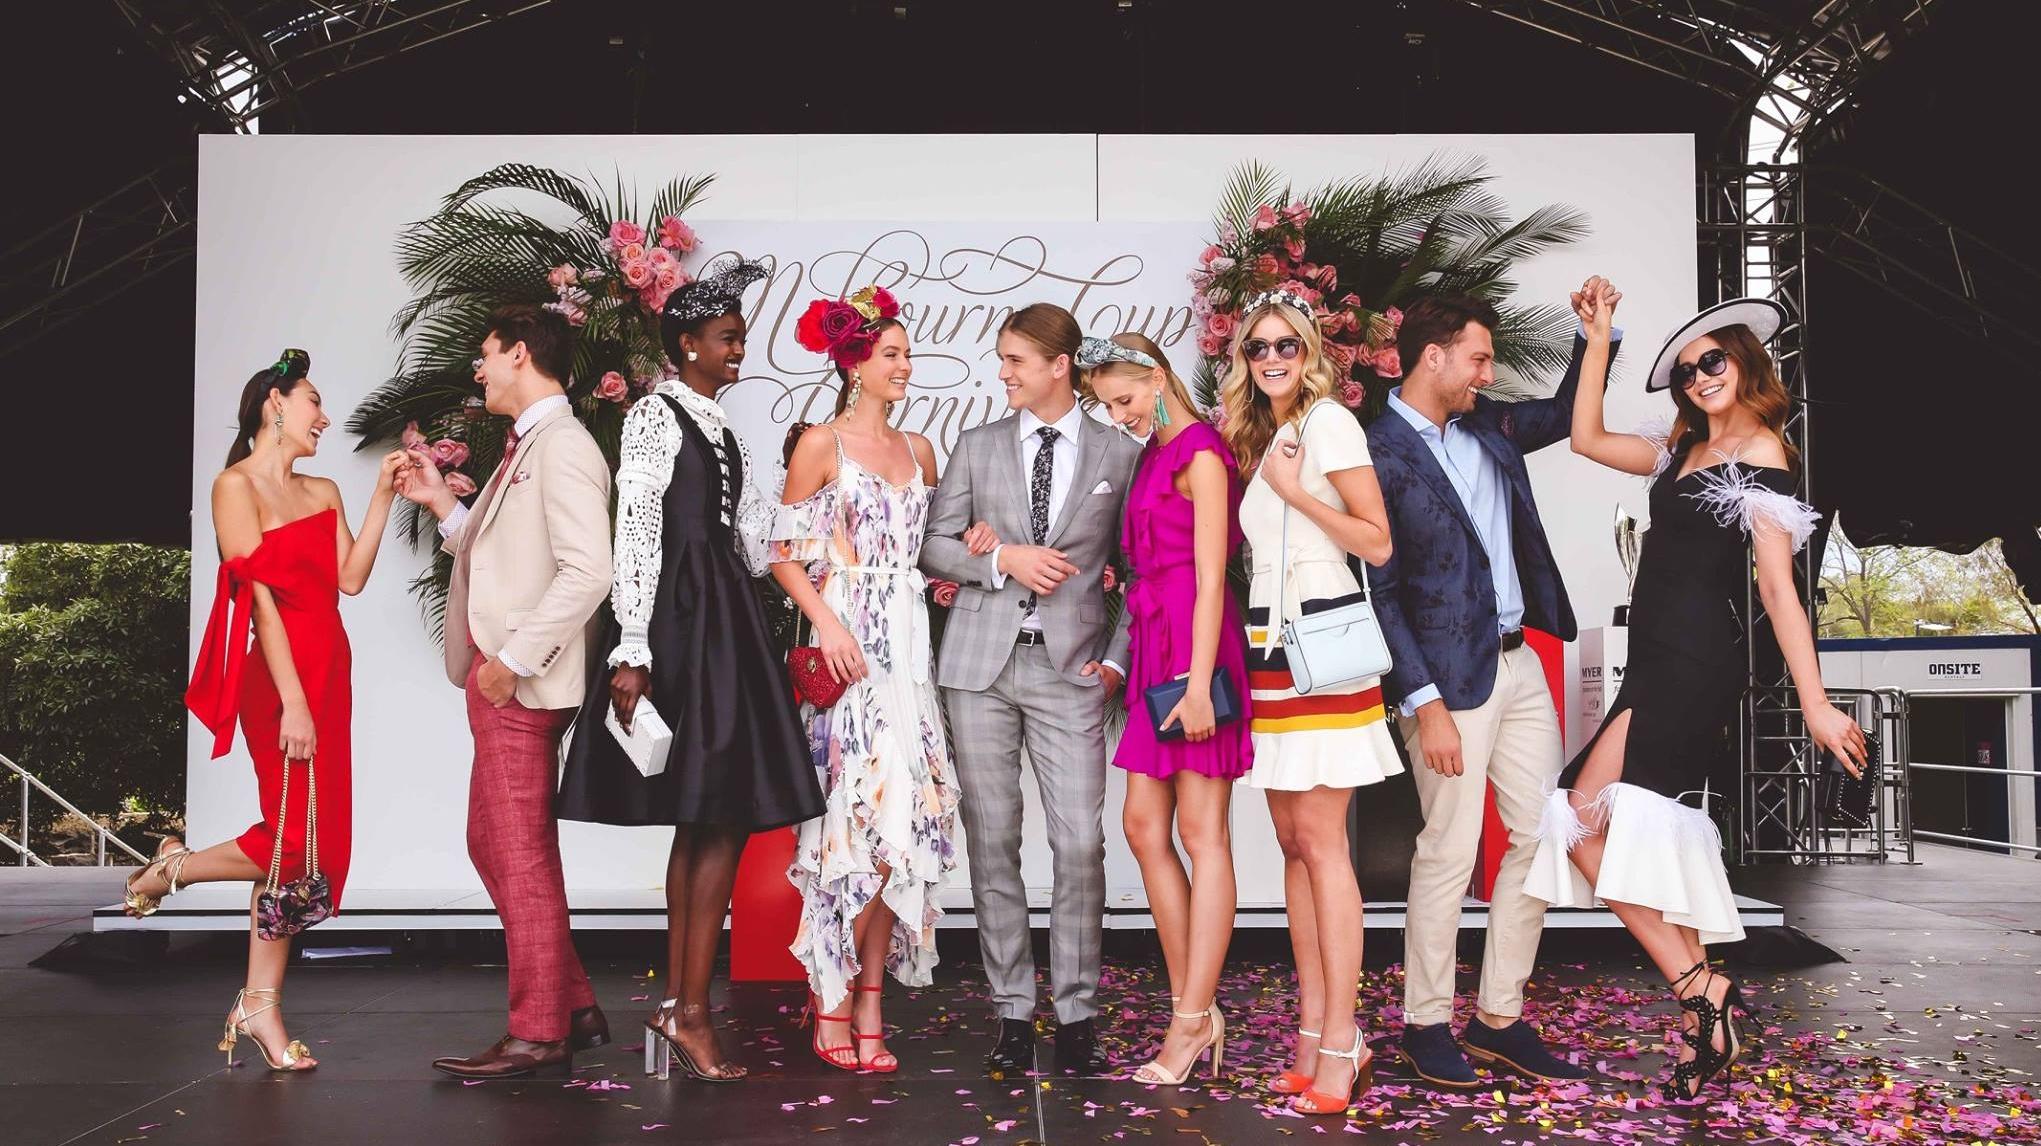 Image:    flemington.com.au